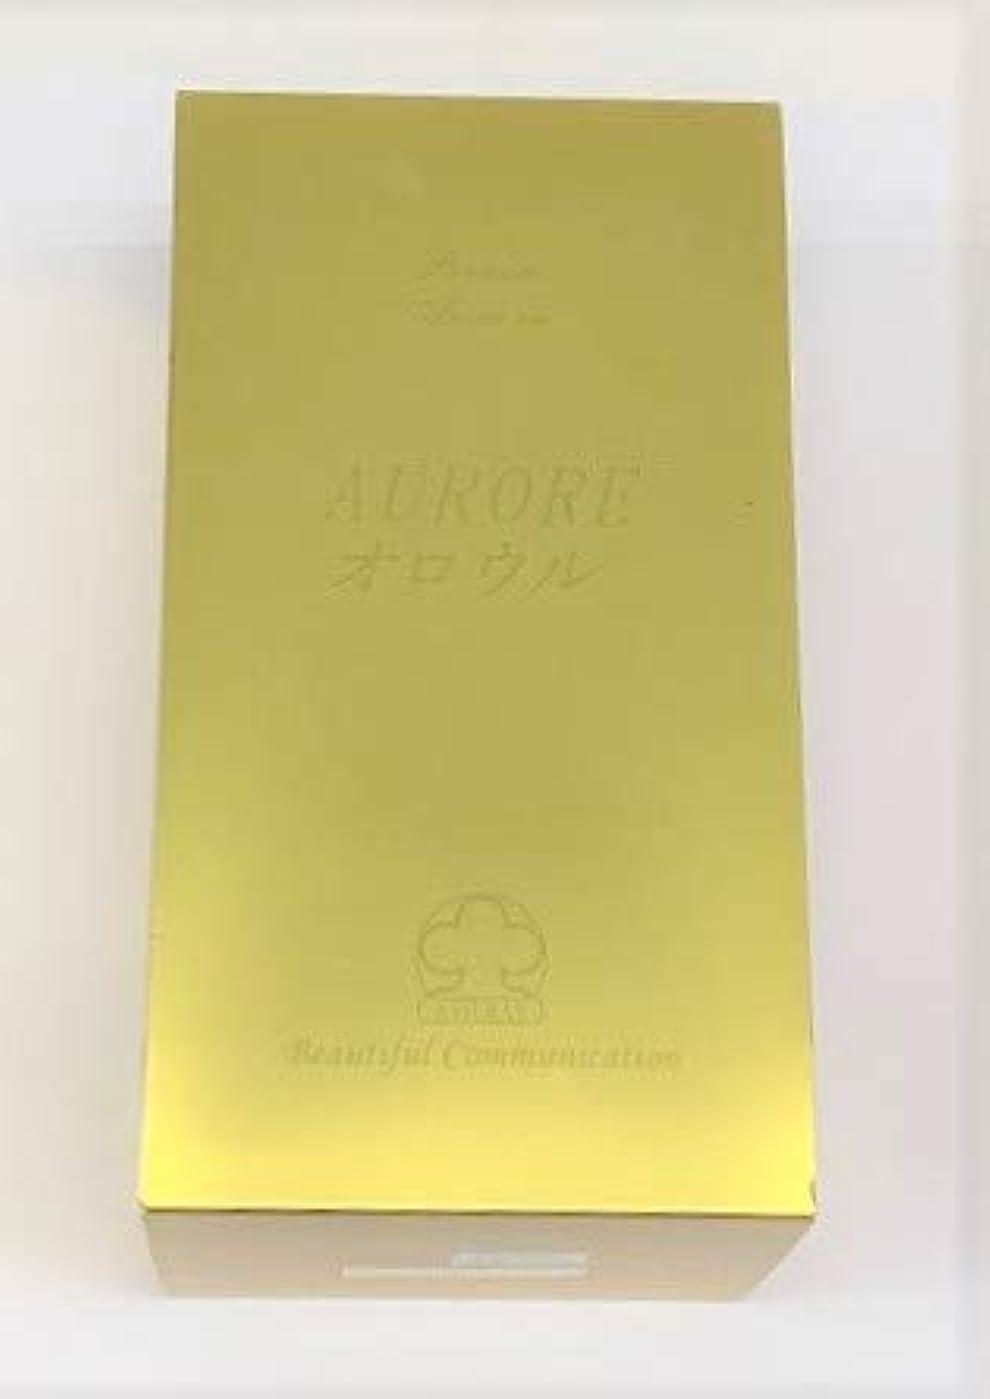 オレンジ大佐真剣にアシュラン オウロル (美容液) 50g プラノアシュラン 901 アシュラン化粧品